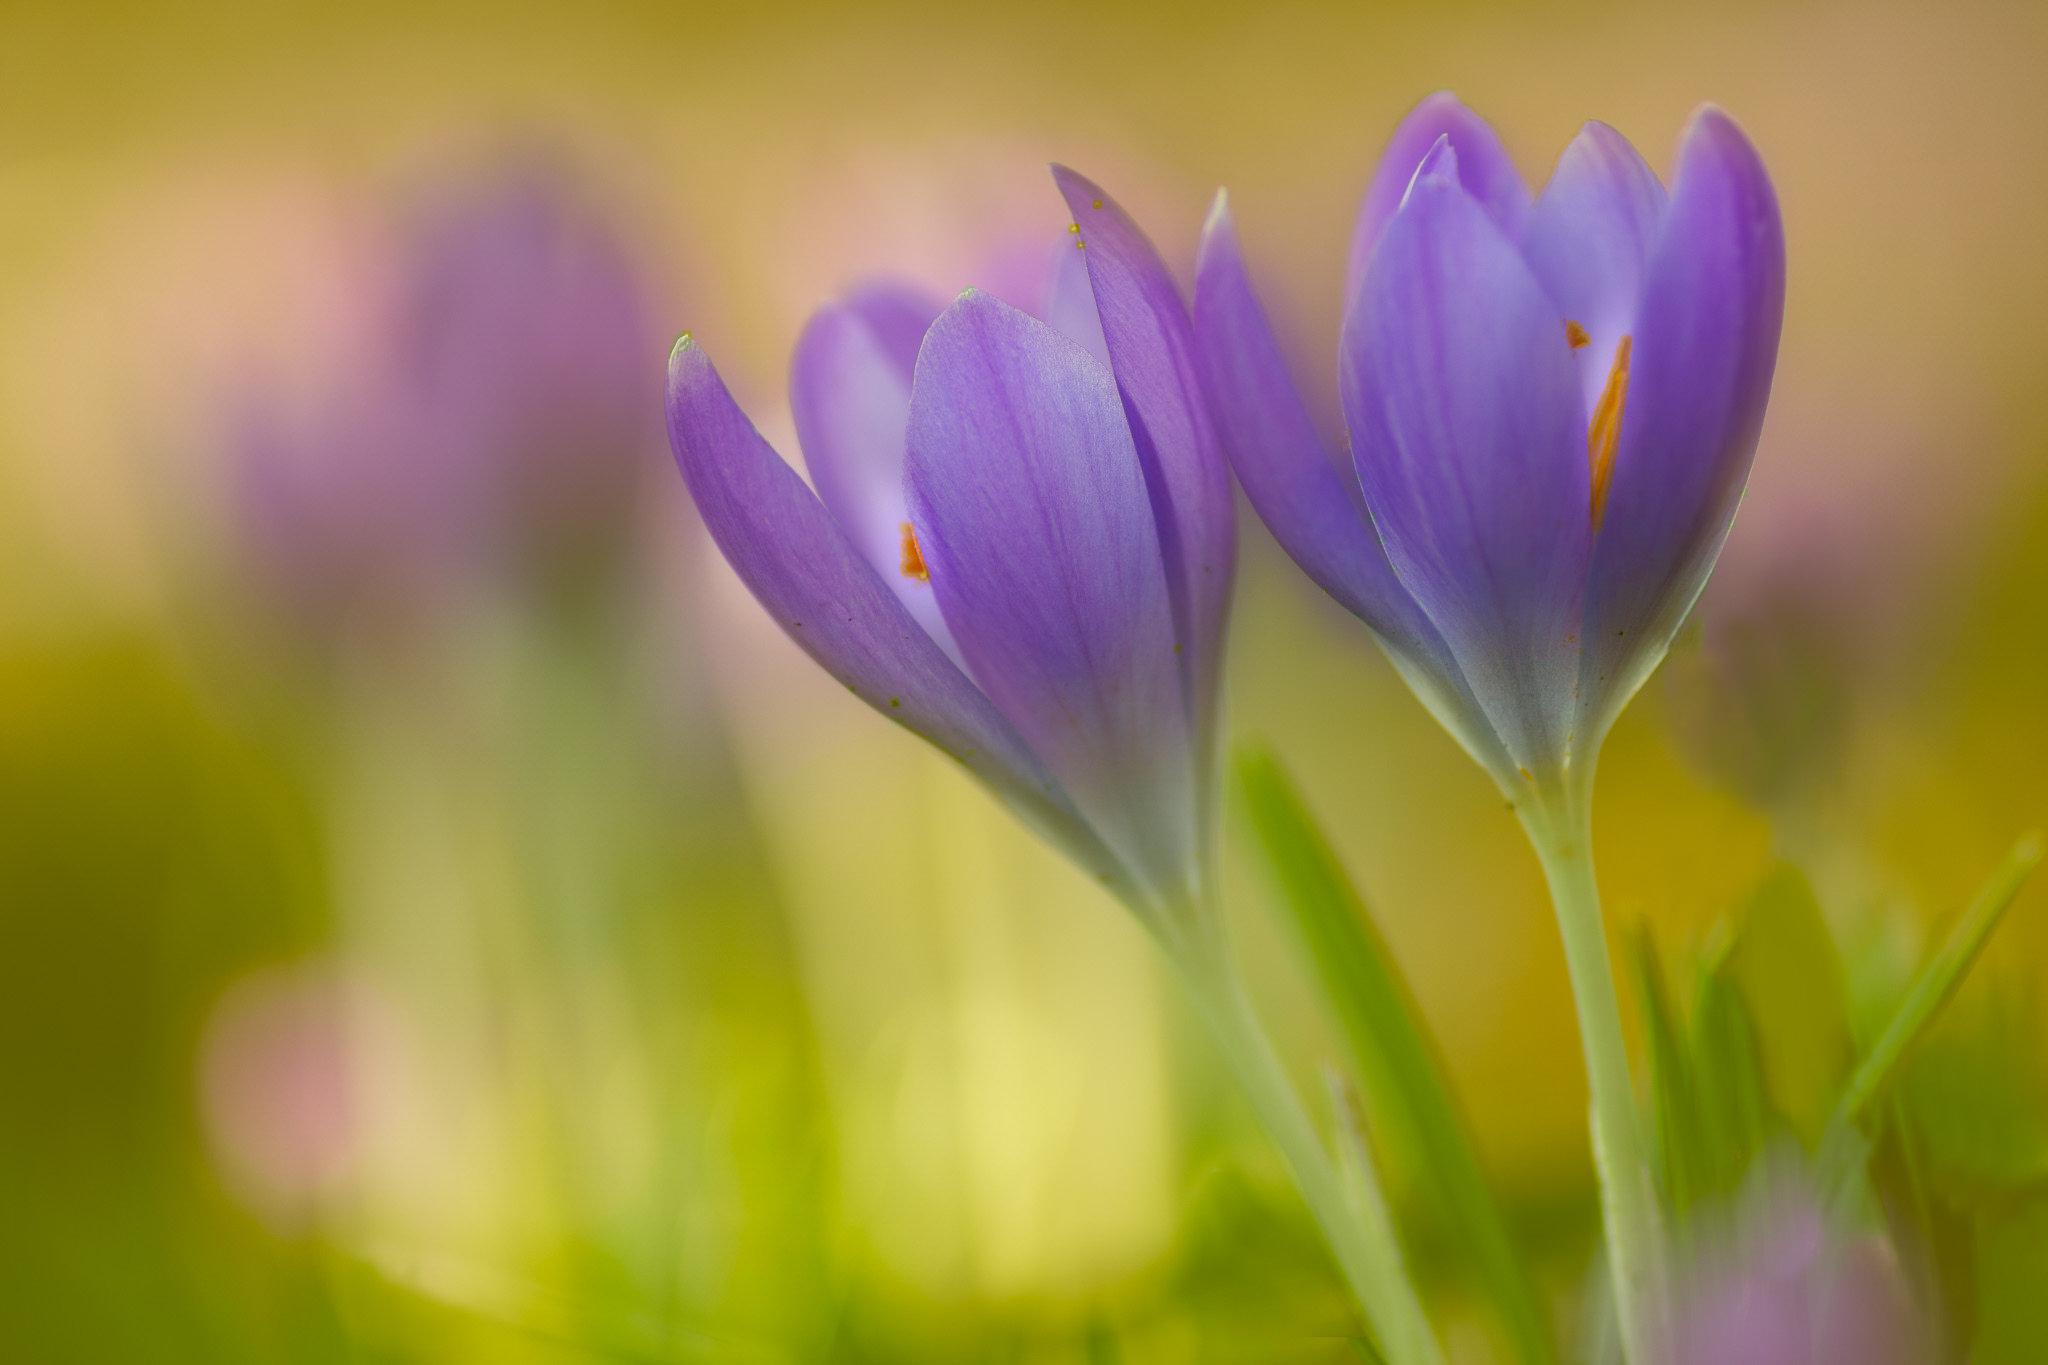 обои Crocus, крокусы, цветы, флора картинки фото